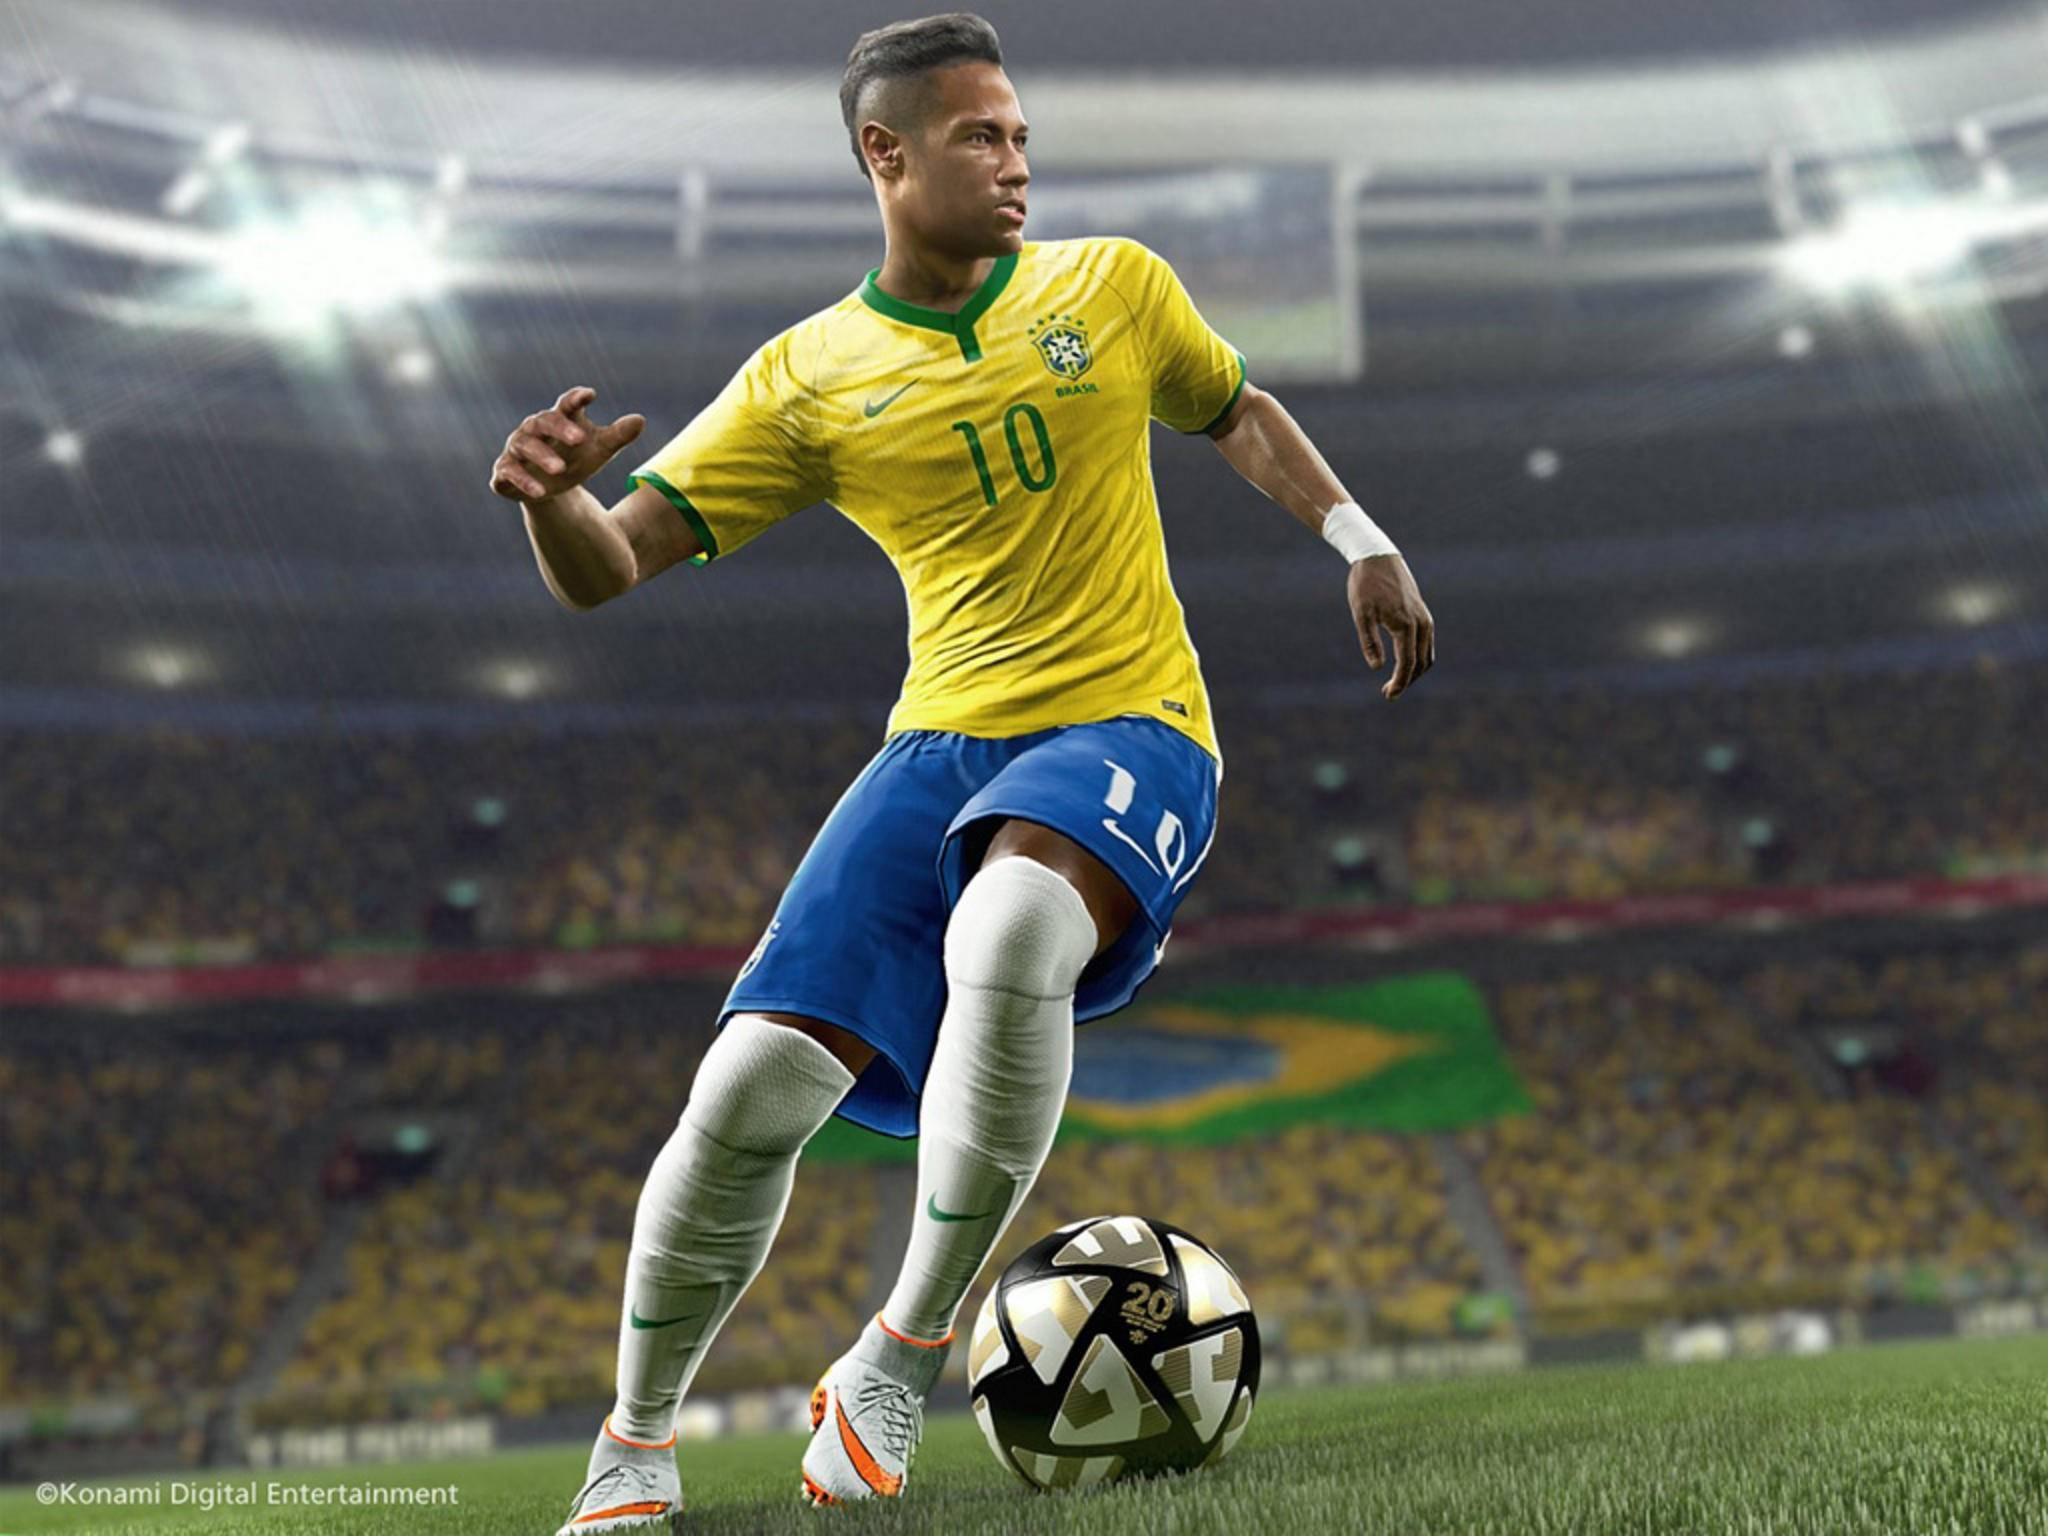 PES2016 Neymar